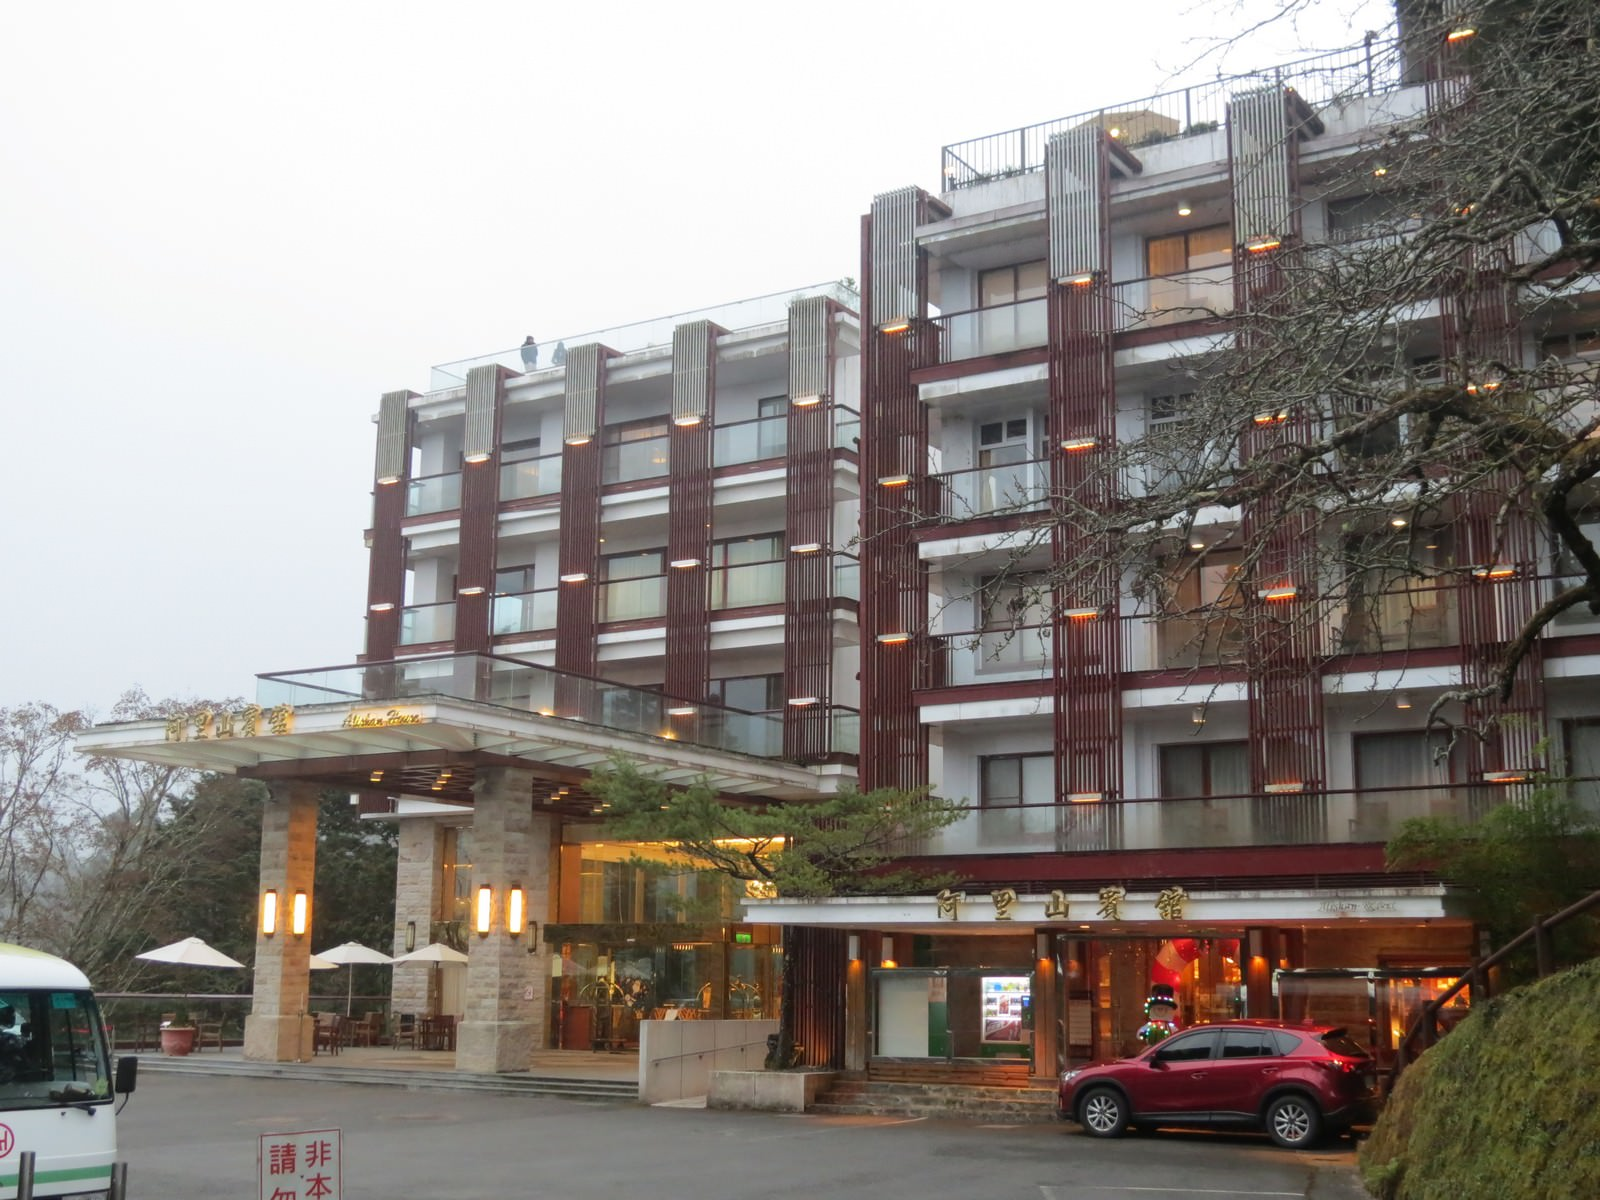 阿里山賓館, 建築外觀